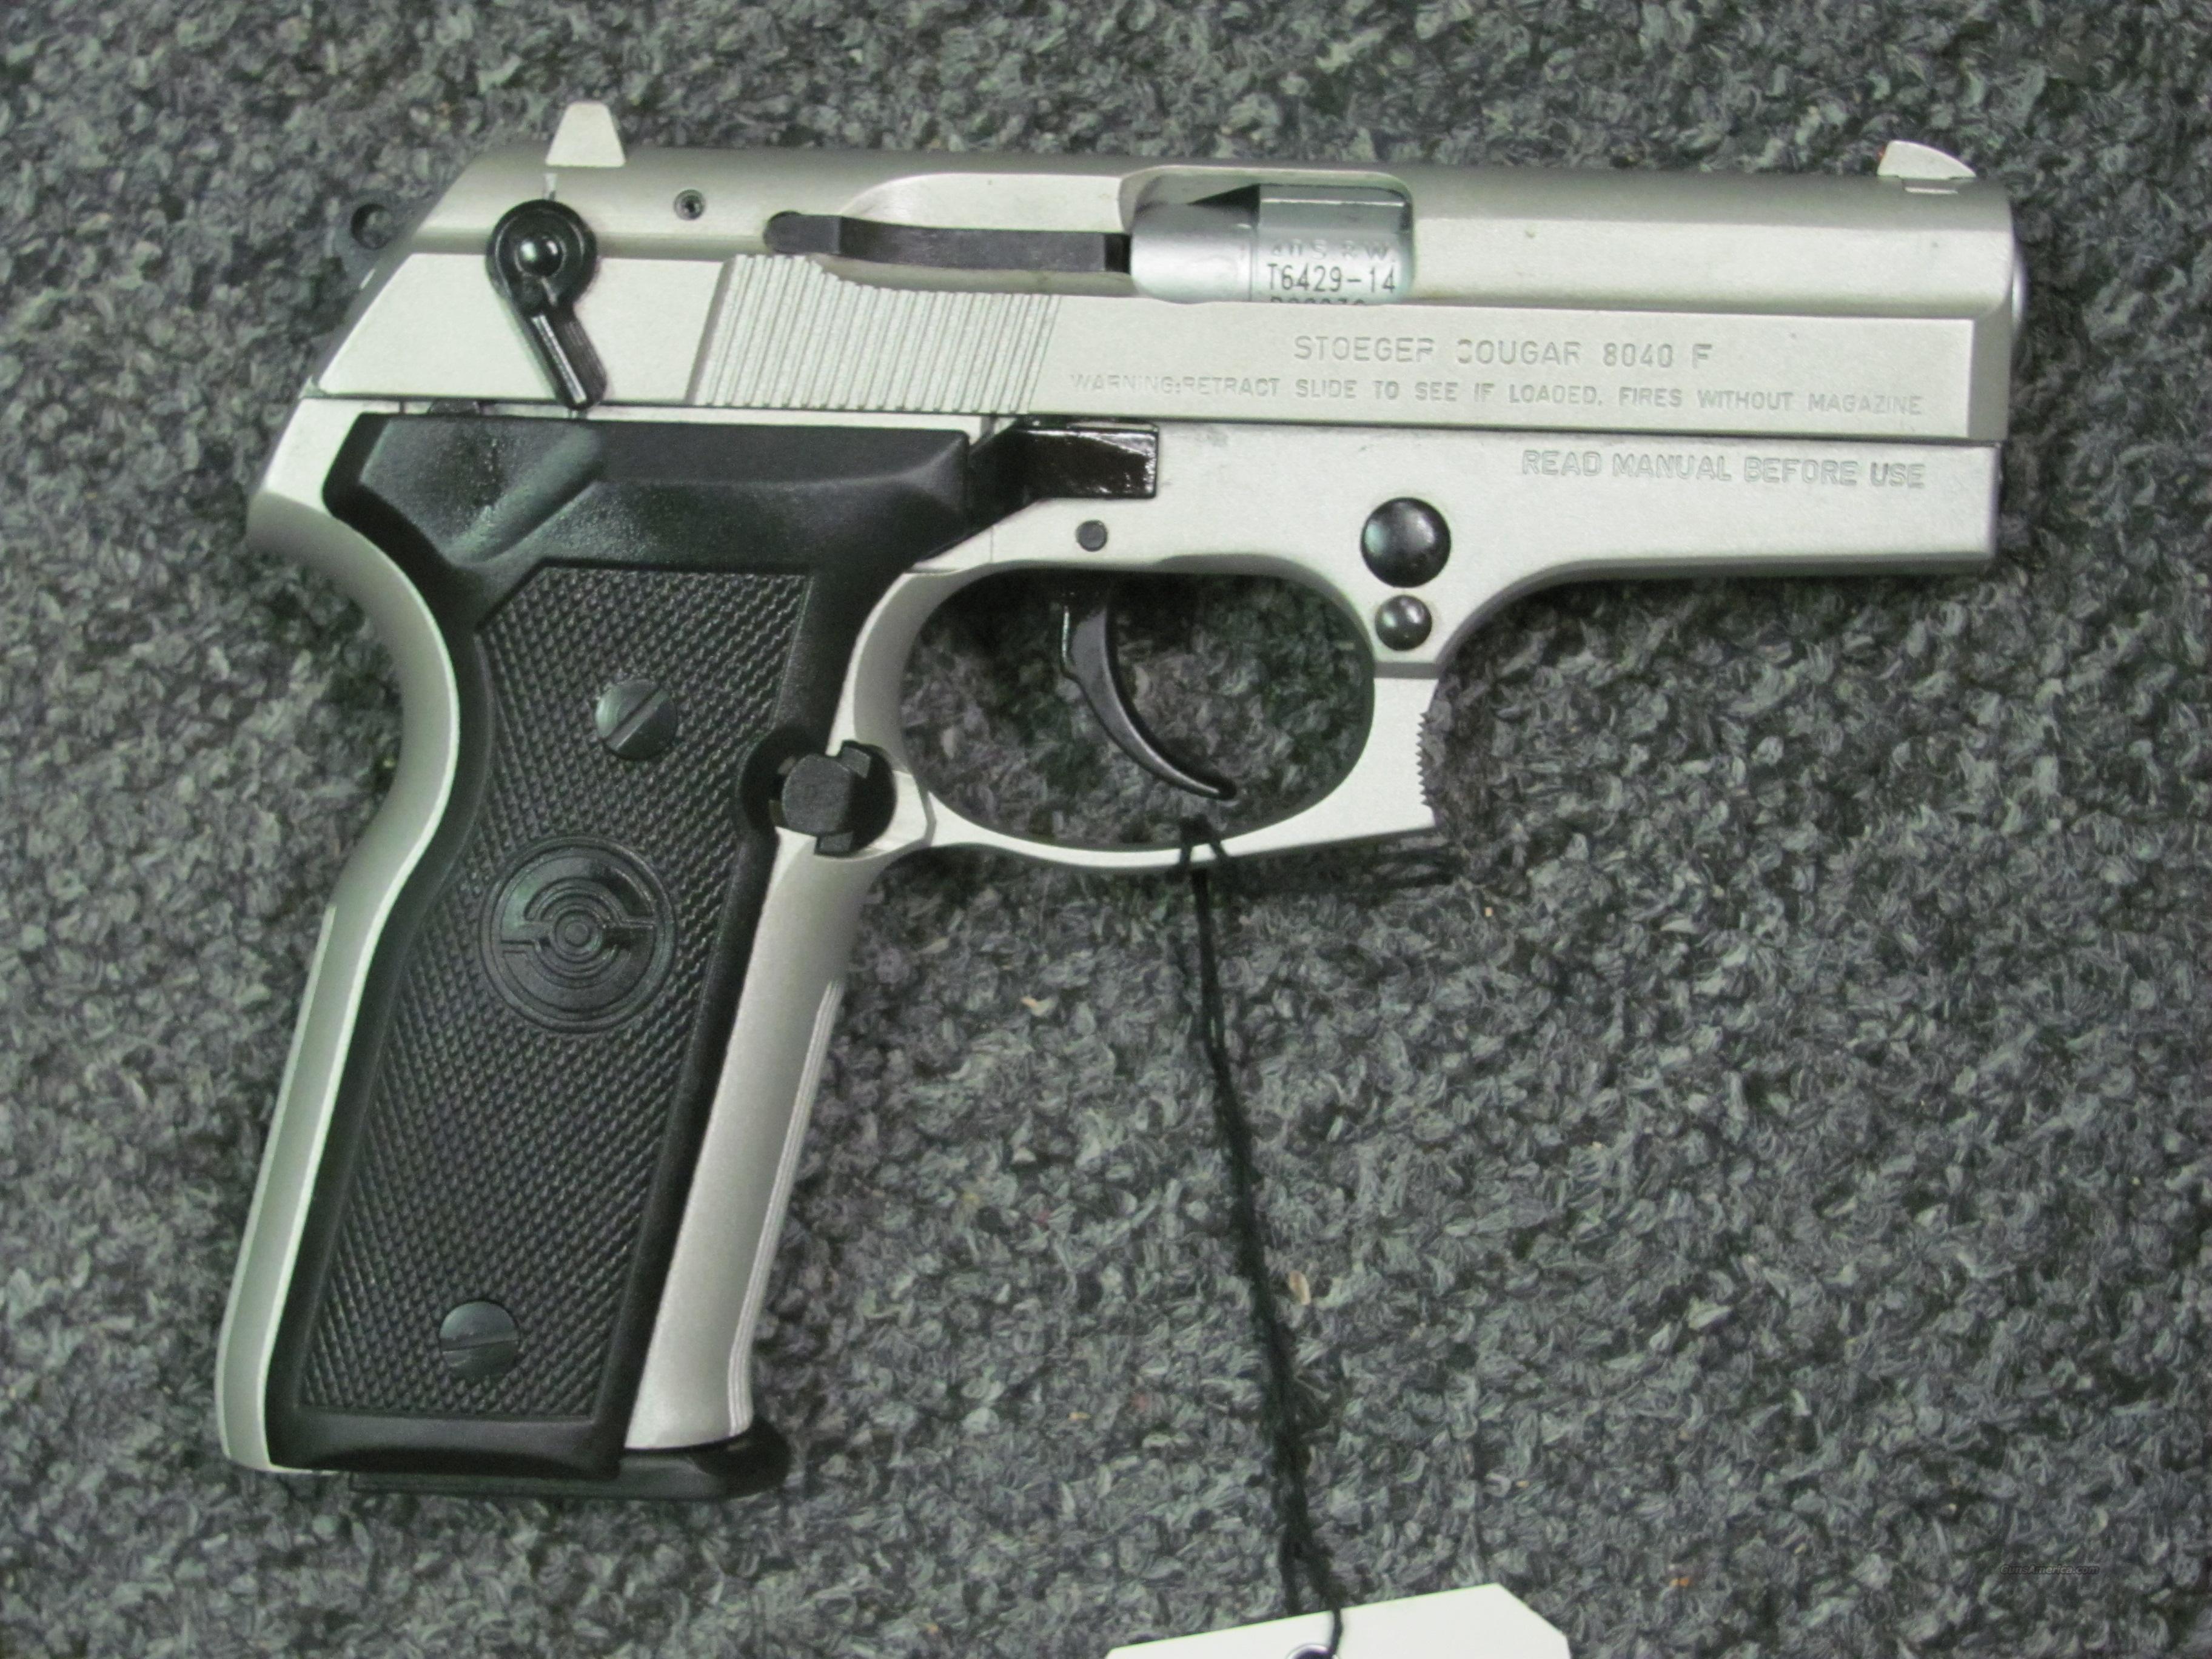 Stoeger 8040f 31710 guns gt pistols gt beretta pistols gt model 92